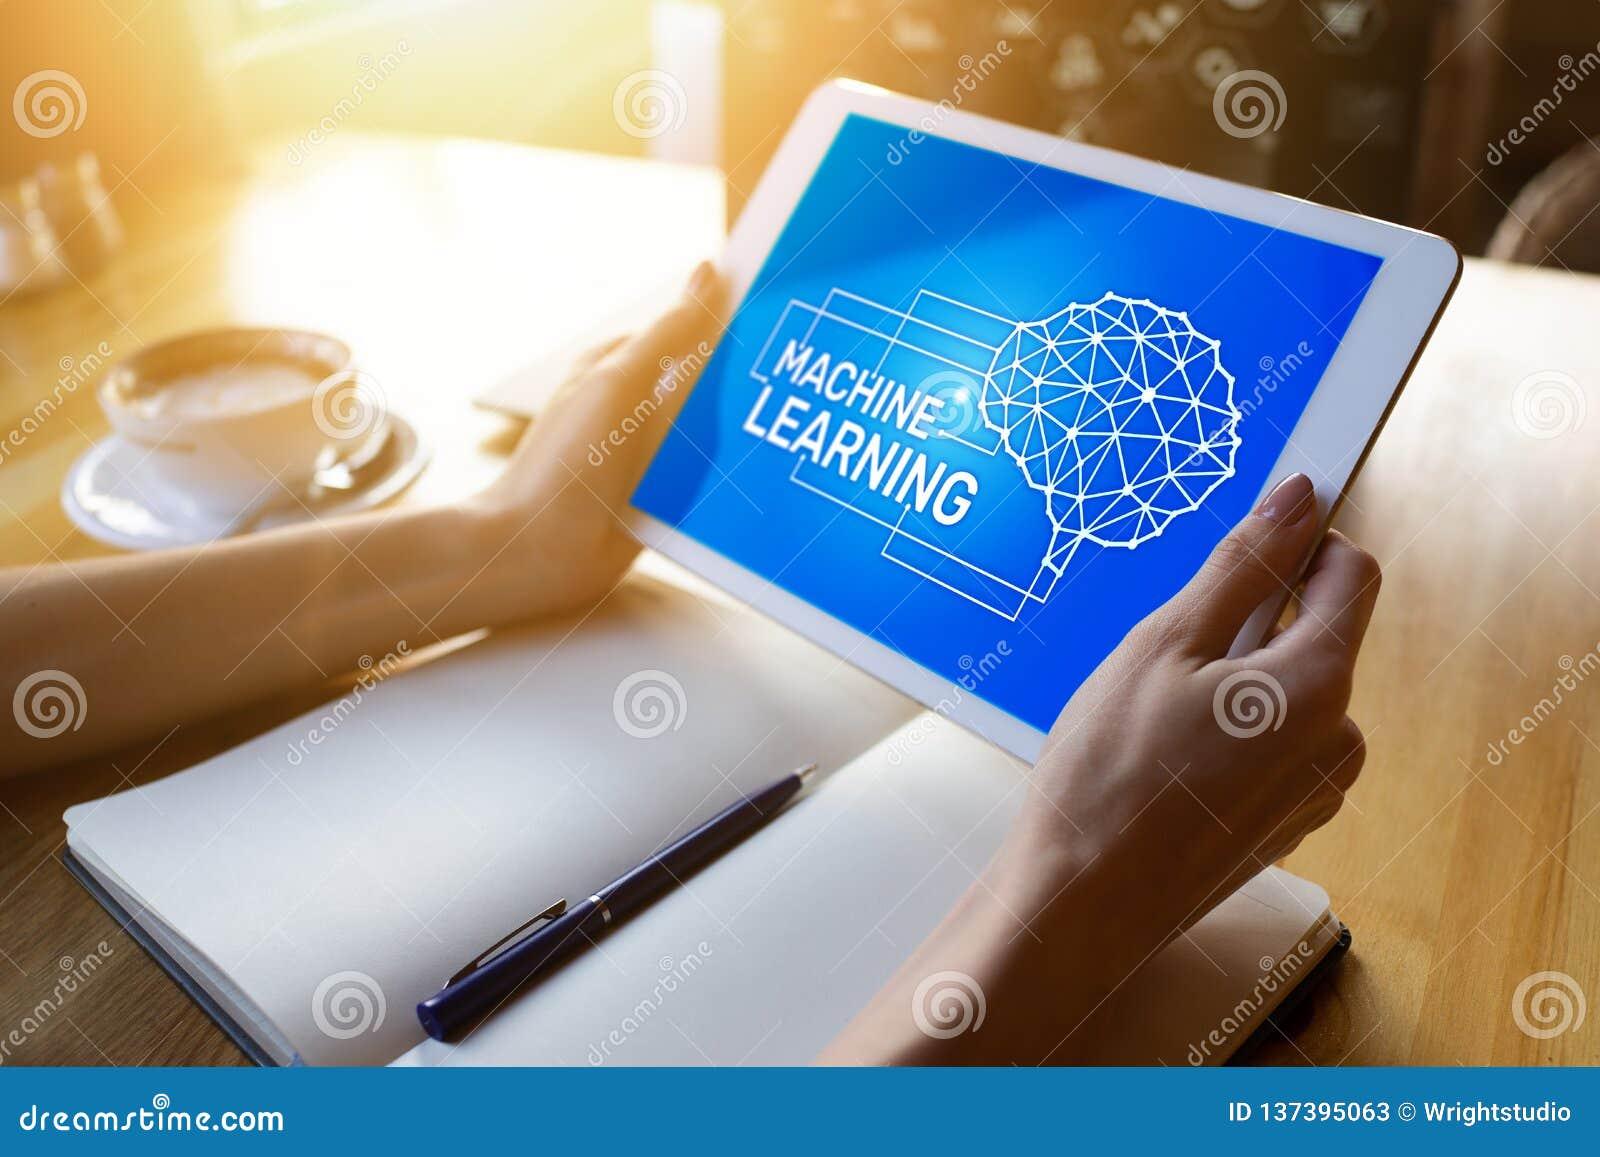 Machine het leren, kunstmatige intelligentie en slim technologieconcept op het apparatenscherm